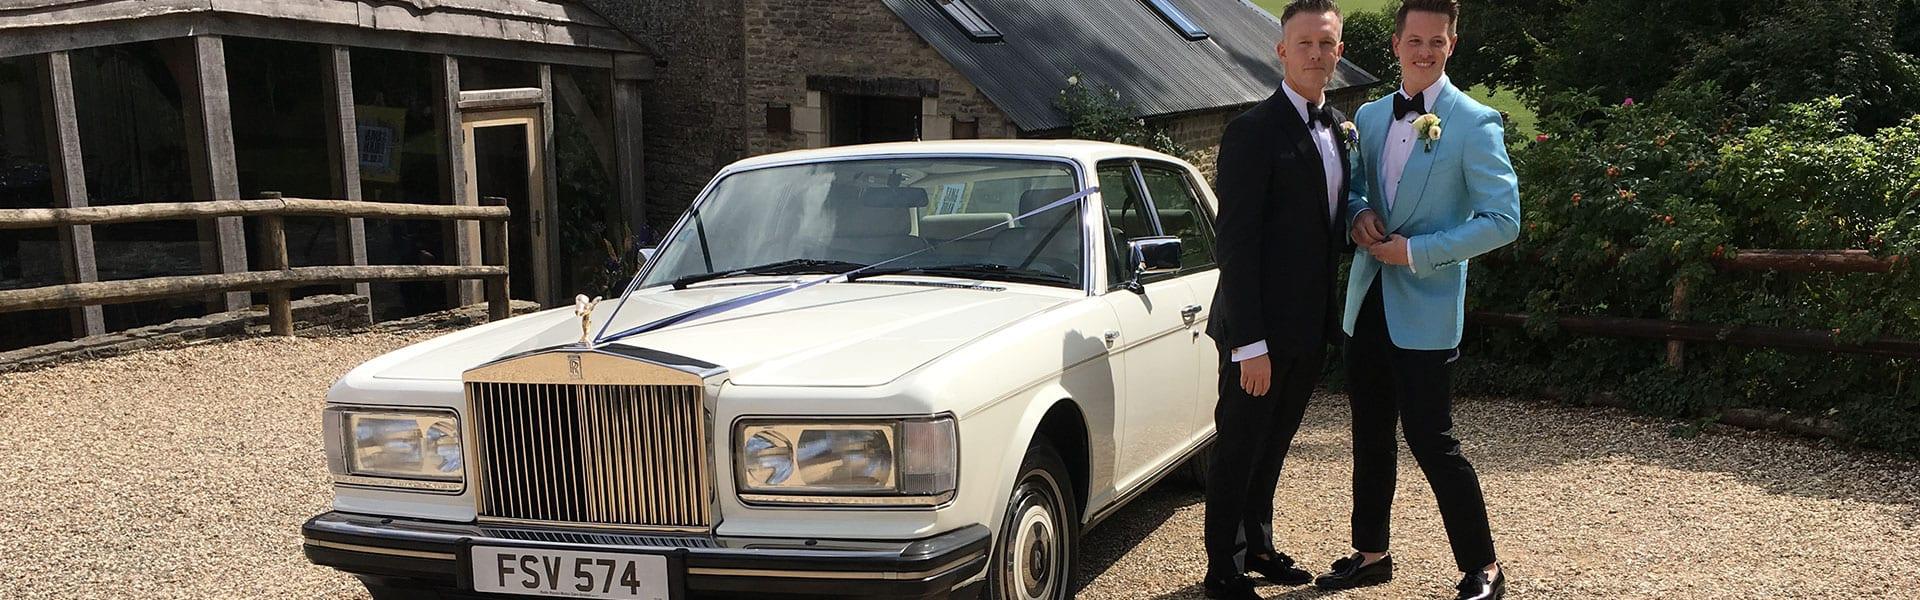 Rolls-Royce-Silver-Spur-Wedding-Car-hero-6